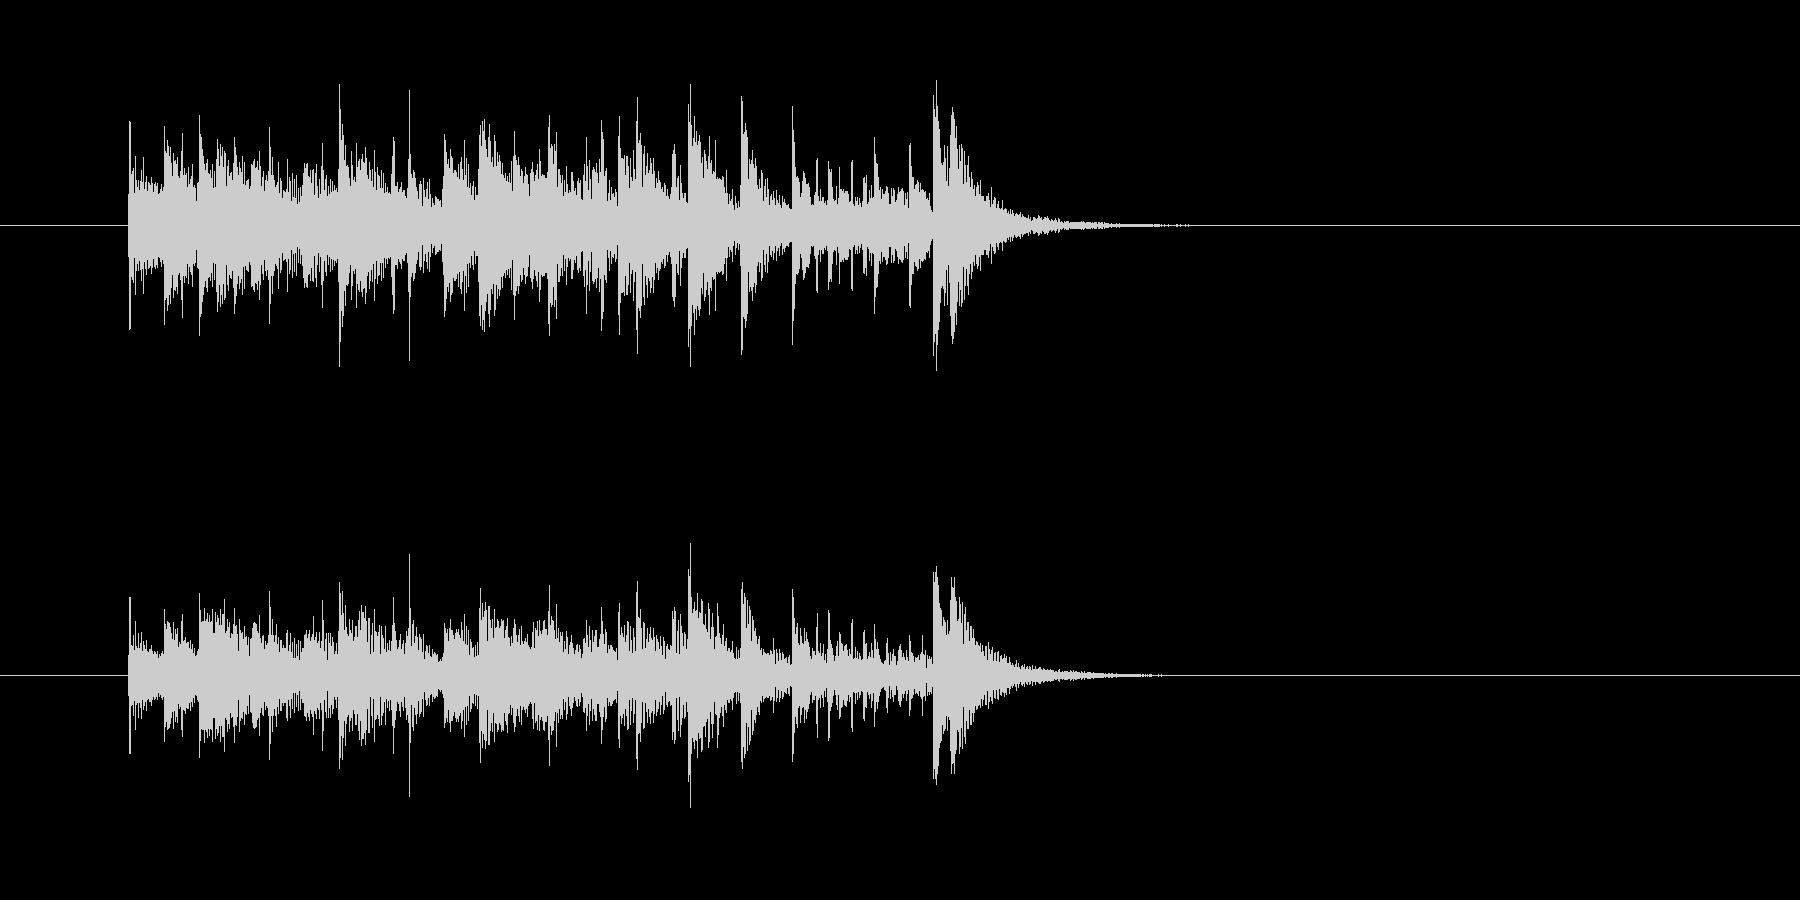 コミカル マリンバ 楽しい わくわくの未再生の波形